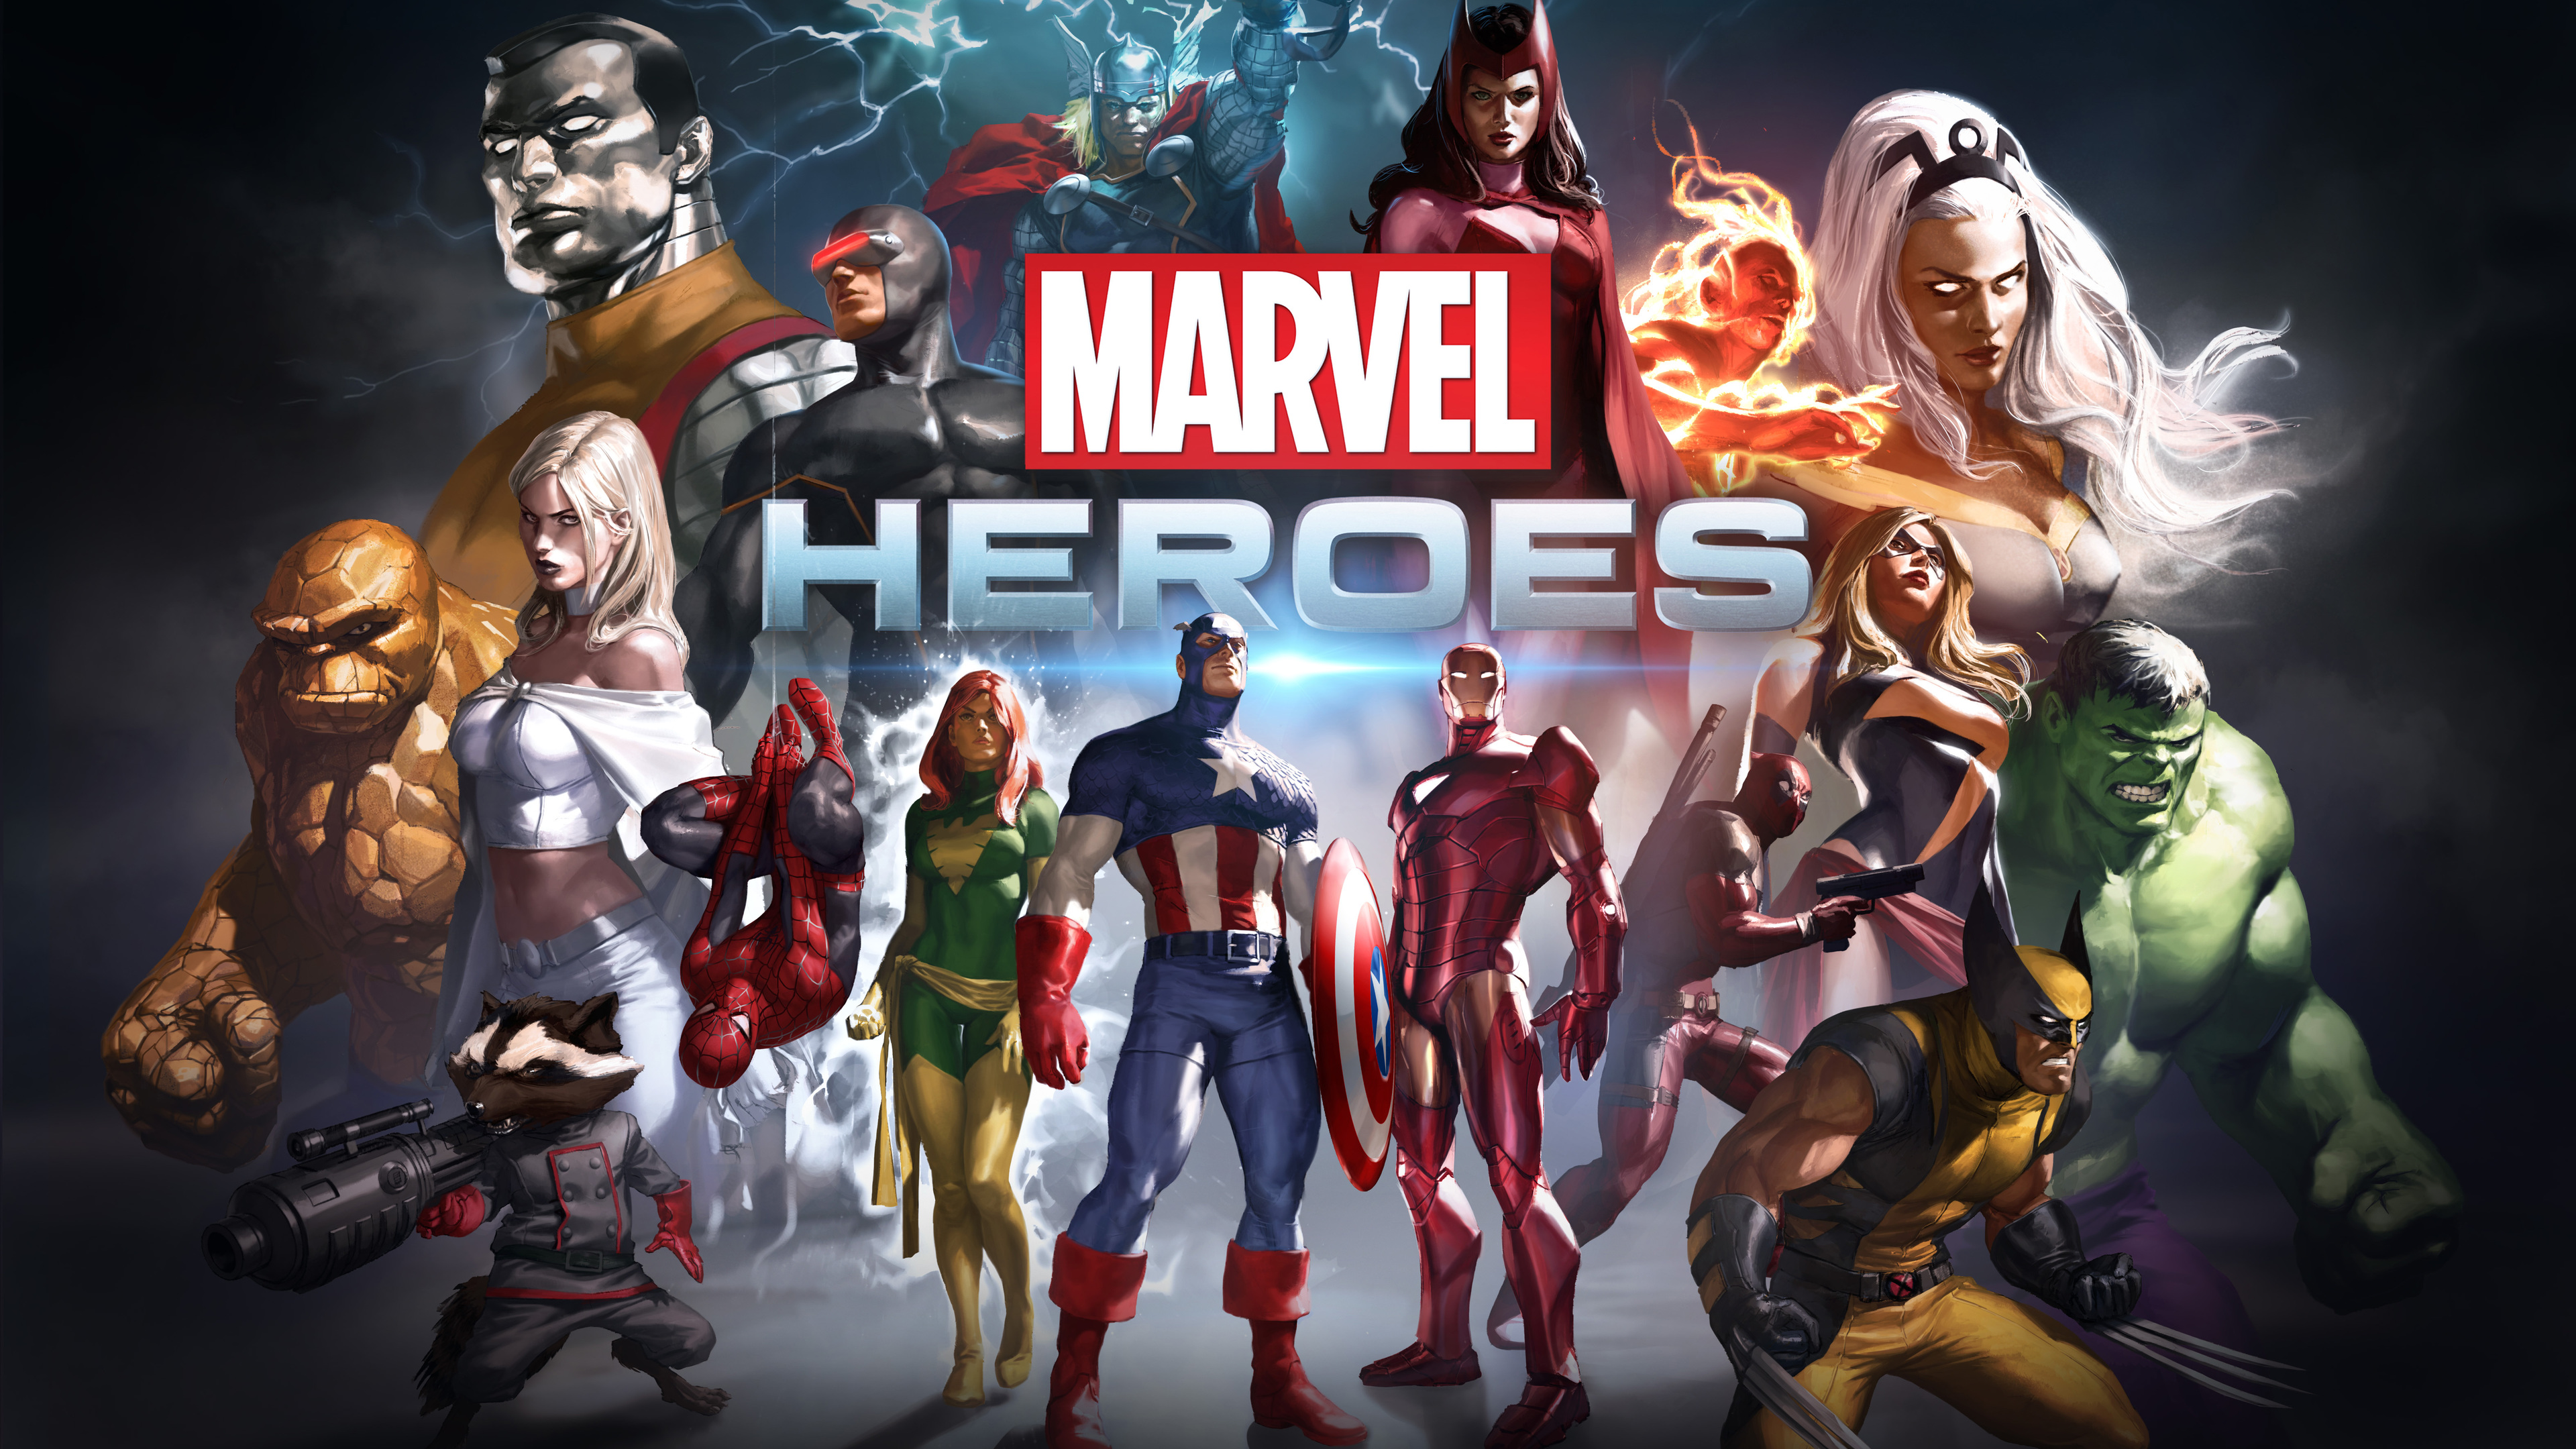 marvel heroes 5k 1536524058 - Marvel Heroes 5k - wolverine wallpapers, spiderman wallpapers, rocket raccoon wallpapers, iron man wallpapers, hulk wallpapers, hd-wallpapers, games wallpapers, captain america wallpapers, 5k wallpapers, 4k-wallpapers